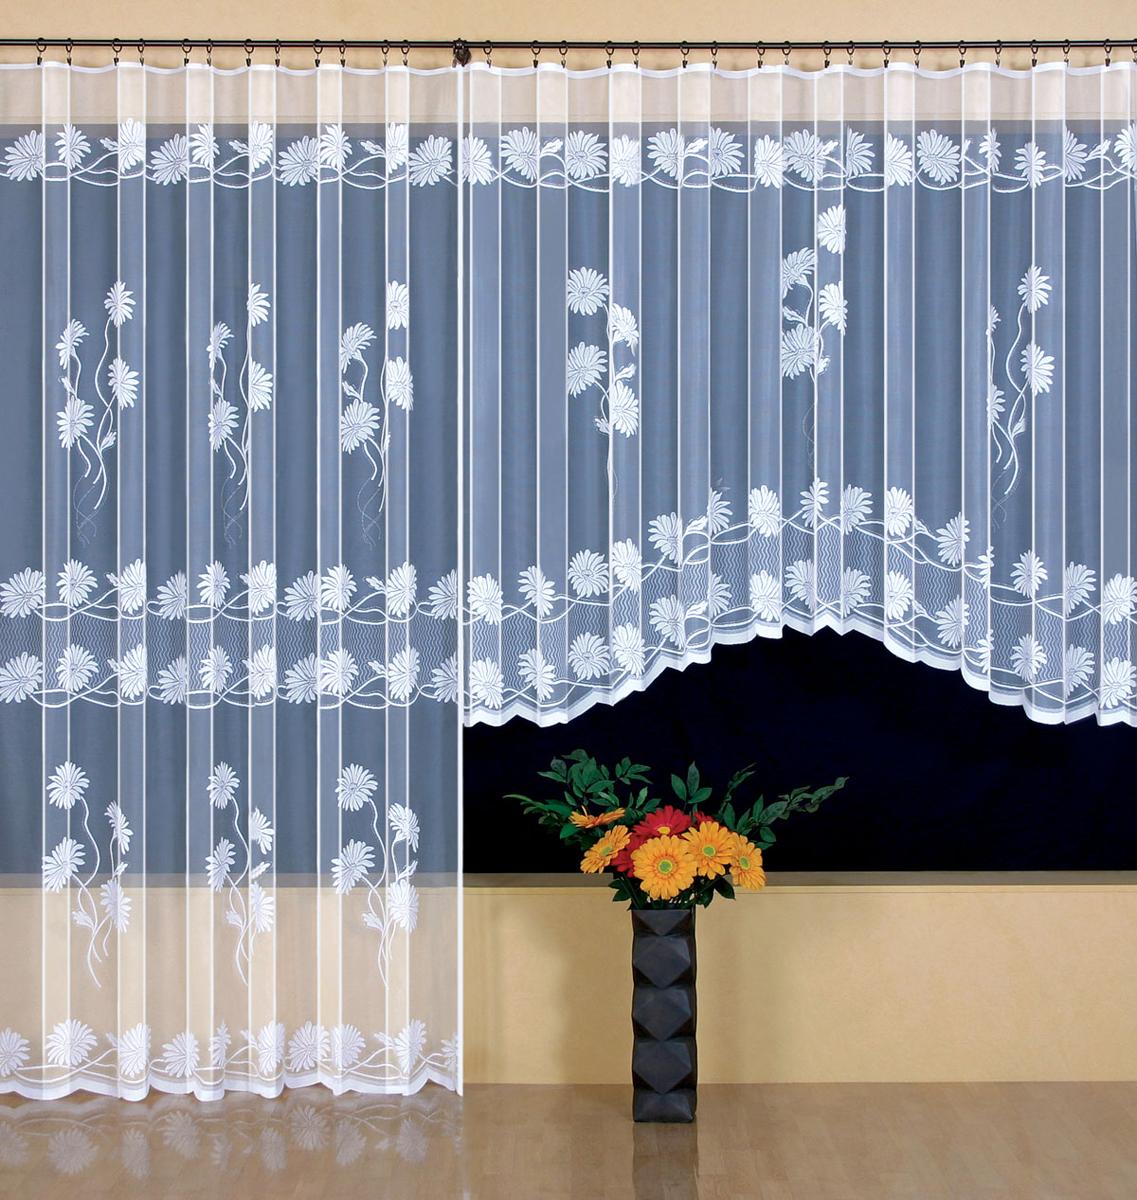 Гардина Wisan, цвет: белый, ширина 300 см, высота 160 см. 94189418Гардина жаккардовая, крепление зажимы для штор, можно взять в комплекте с арт. 9410Размеры: высота160х ширина300